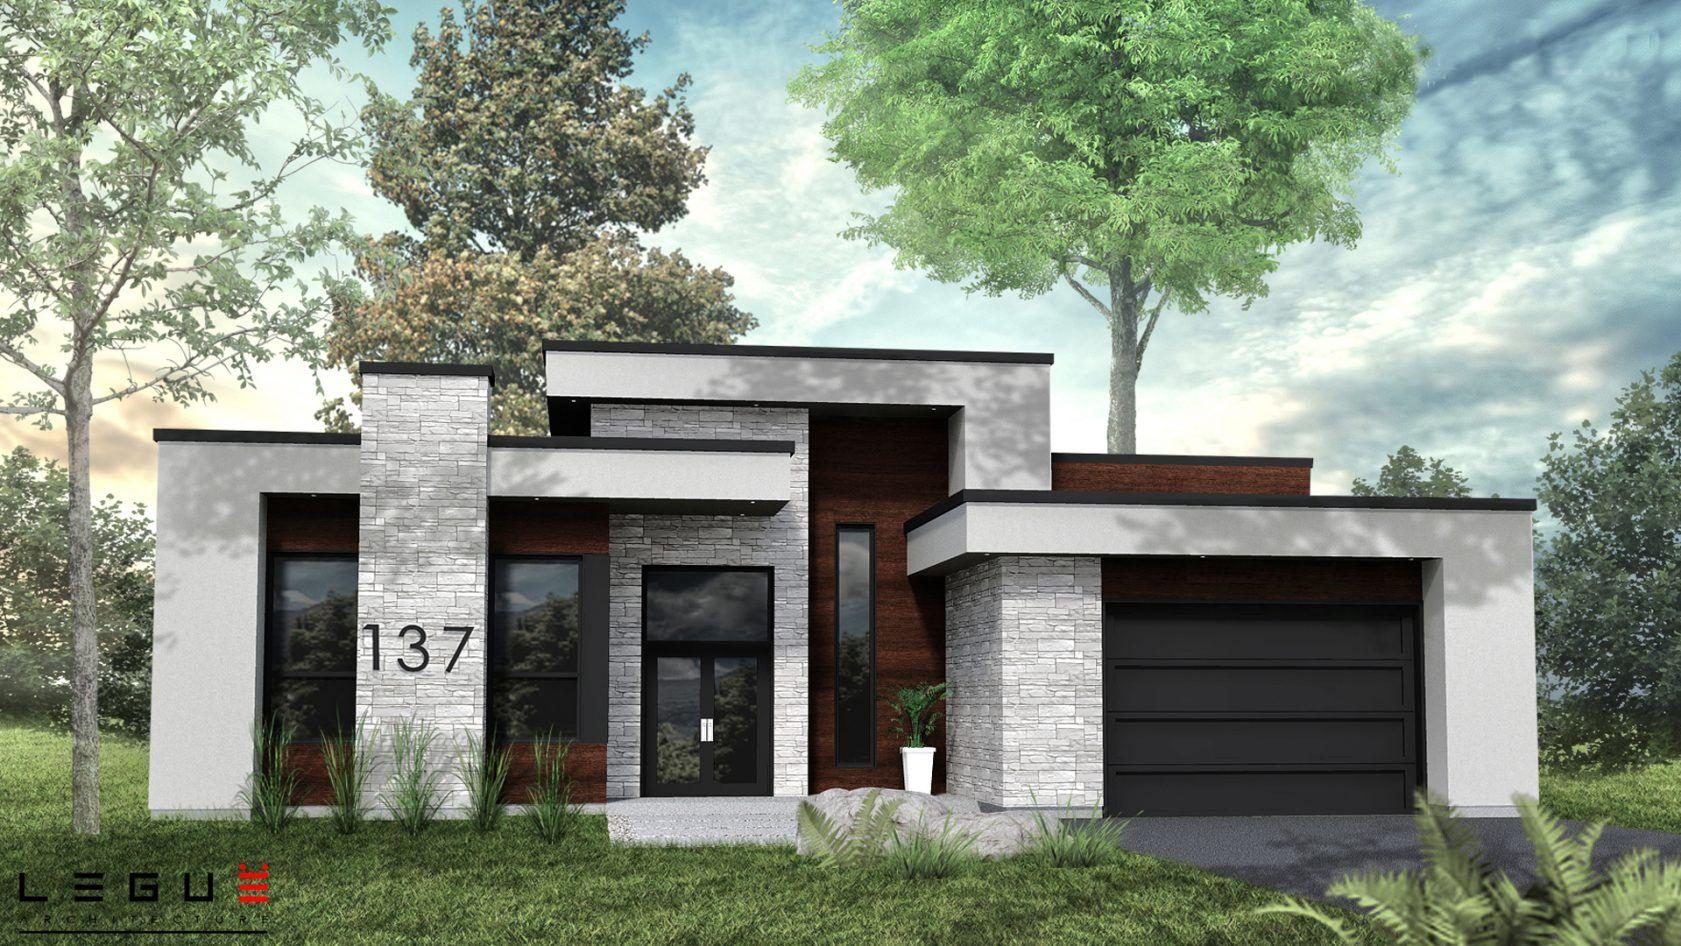 Plan de maison Ë_137 | Leguë Architecture en 2020 | Plan de maison moderne plain pied, Plan ...